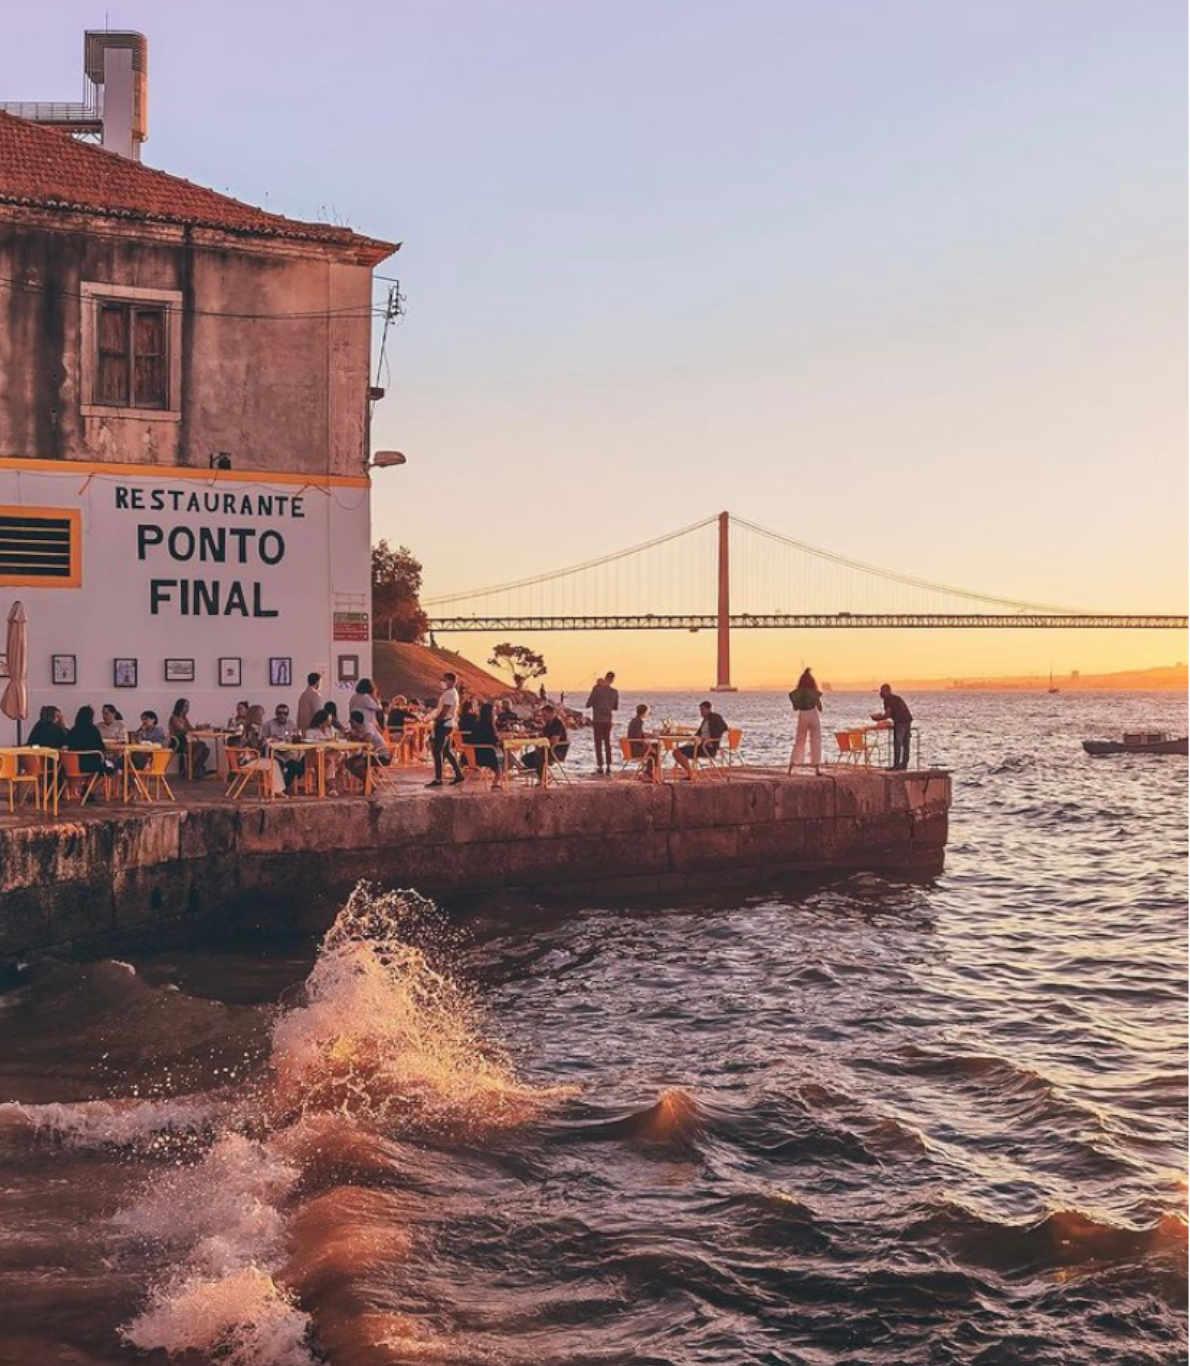 Vista da esplanada do restaurante Ponto Final, em Cacilhas. Vemos o pôr do sol com a ponte 25 de Abril ao fundo.